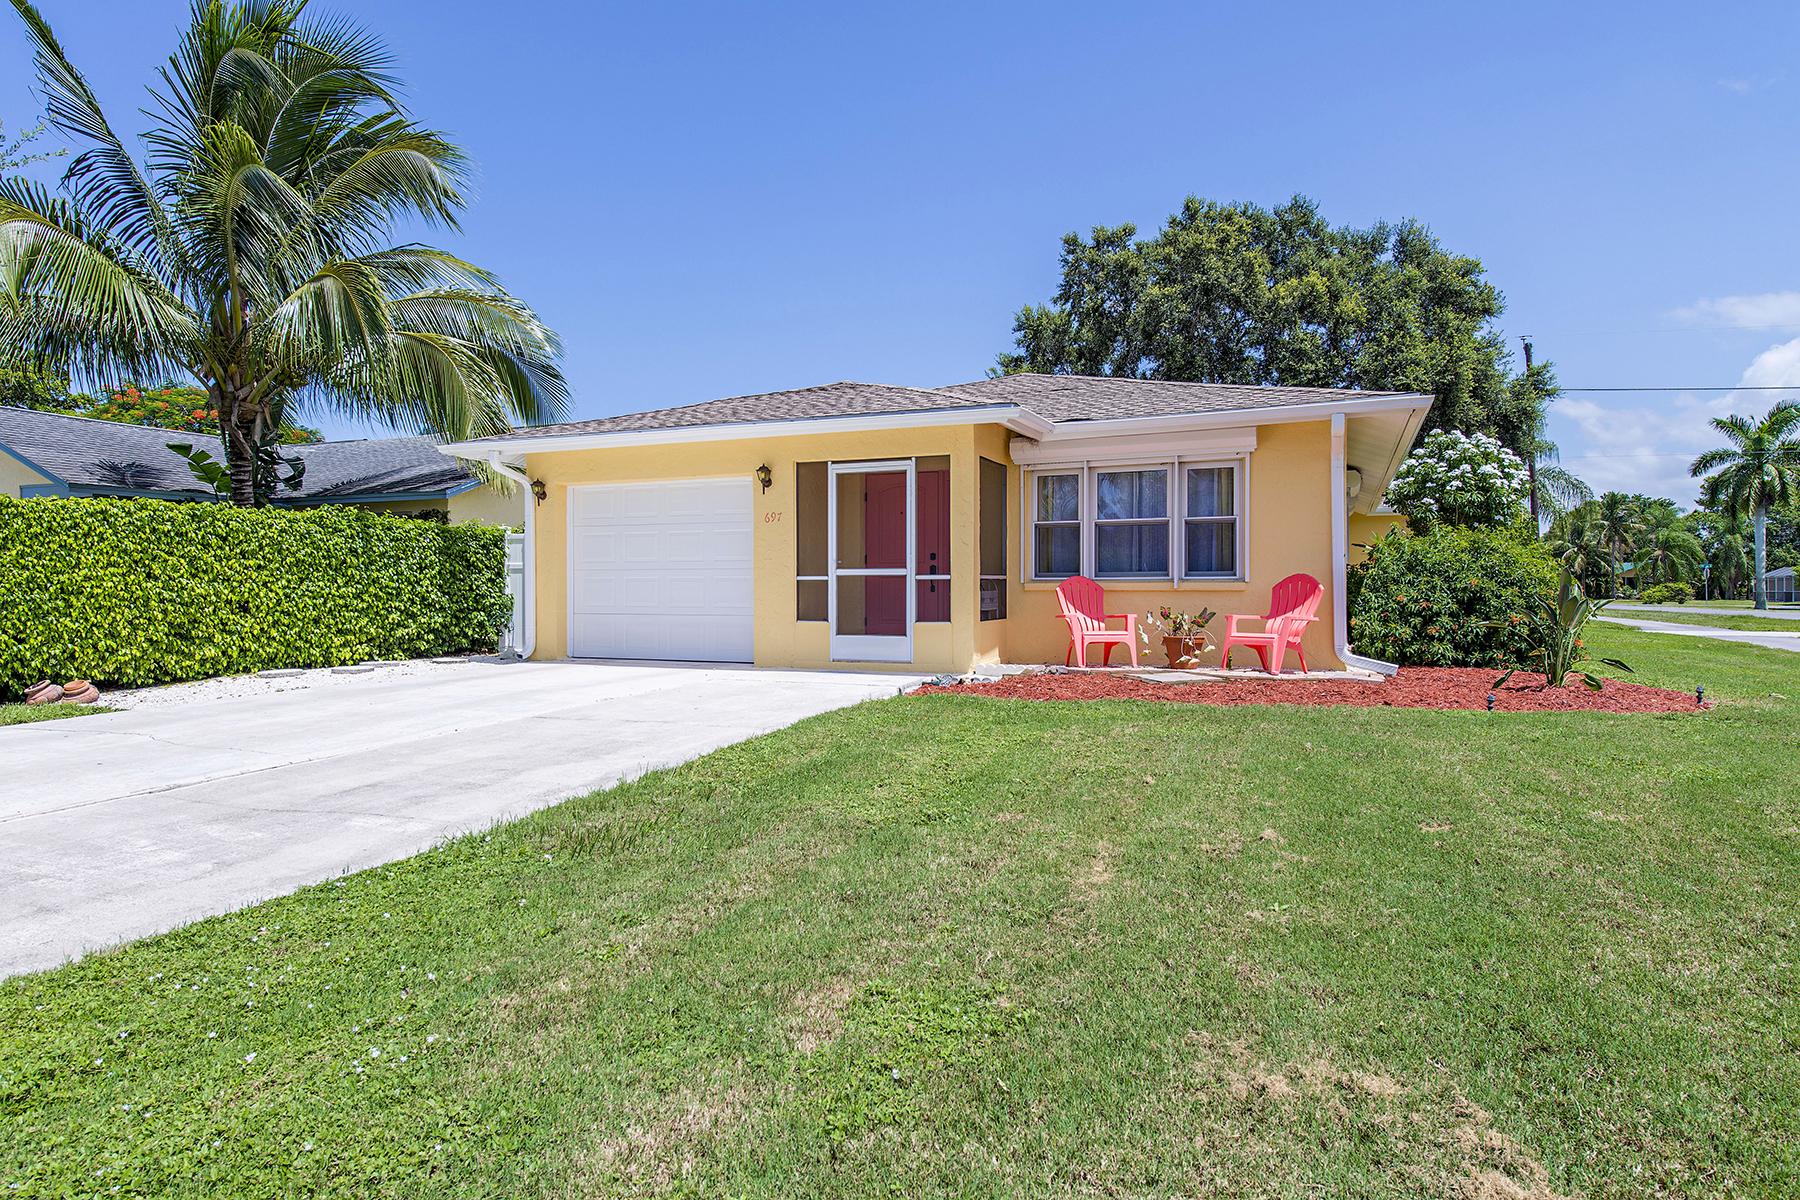 独户住宅 为 销售 在 NAPLES PARK 697 93rd Ave N Naples, 佛罗里达州 34108 美国